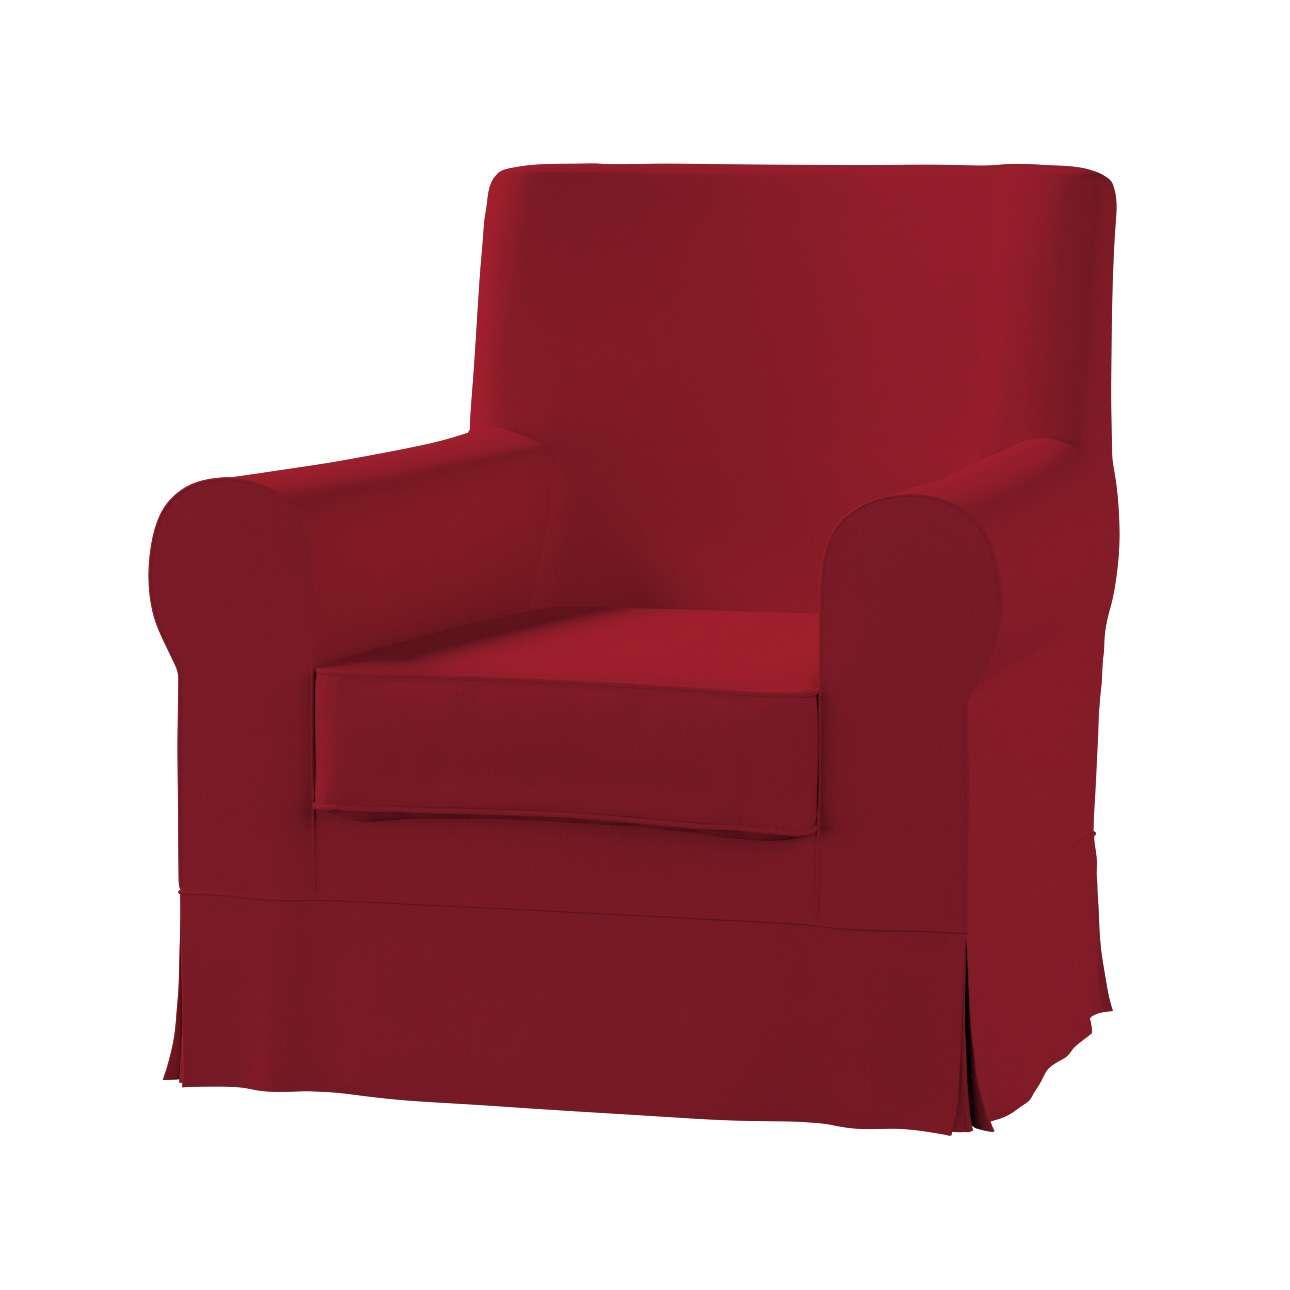 EKTORP JENNYLUND fotelio užvalkalas Ektorp Jennylund fotelio užvalkalas kolekcijoje Chenille, audinys: 702-24